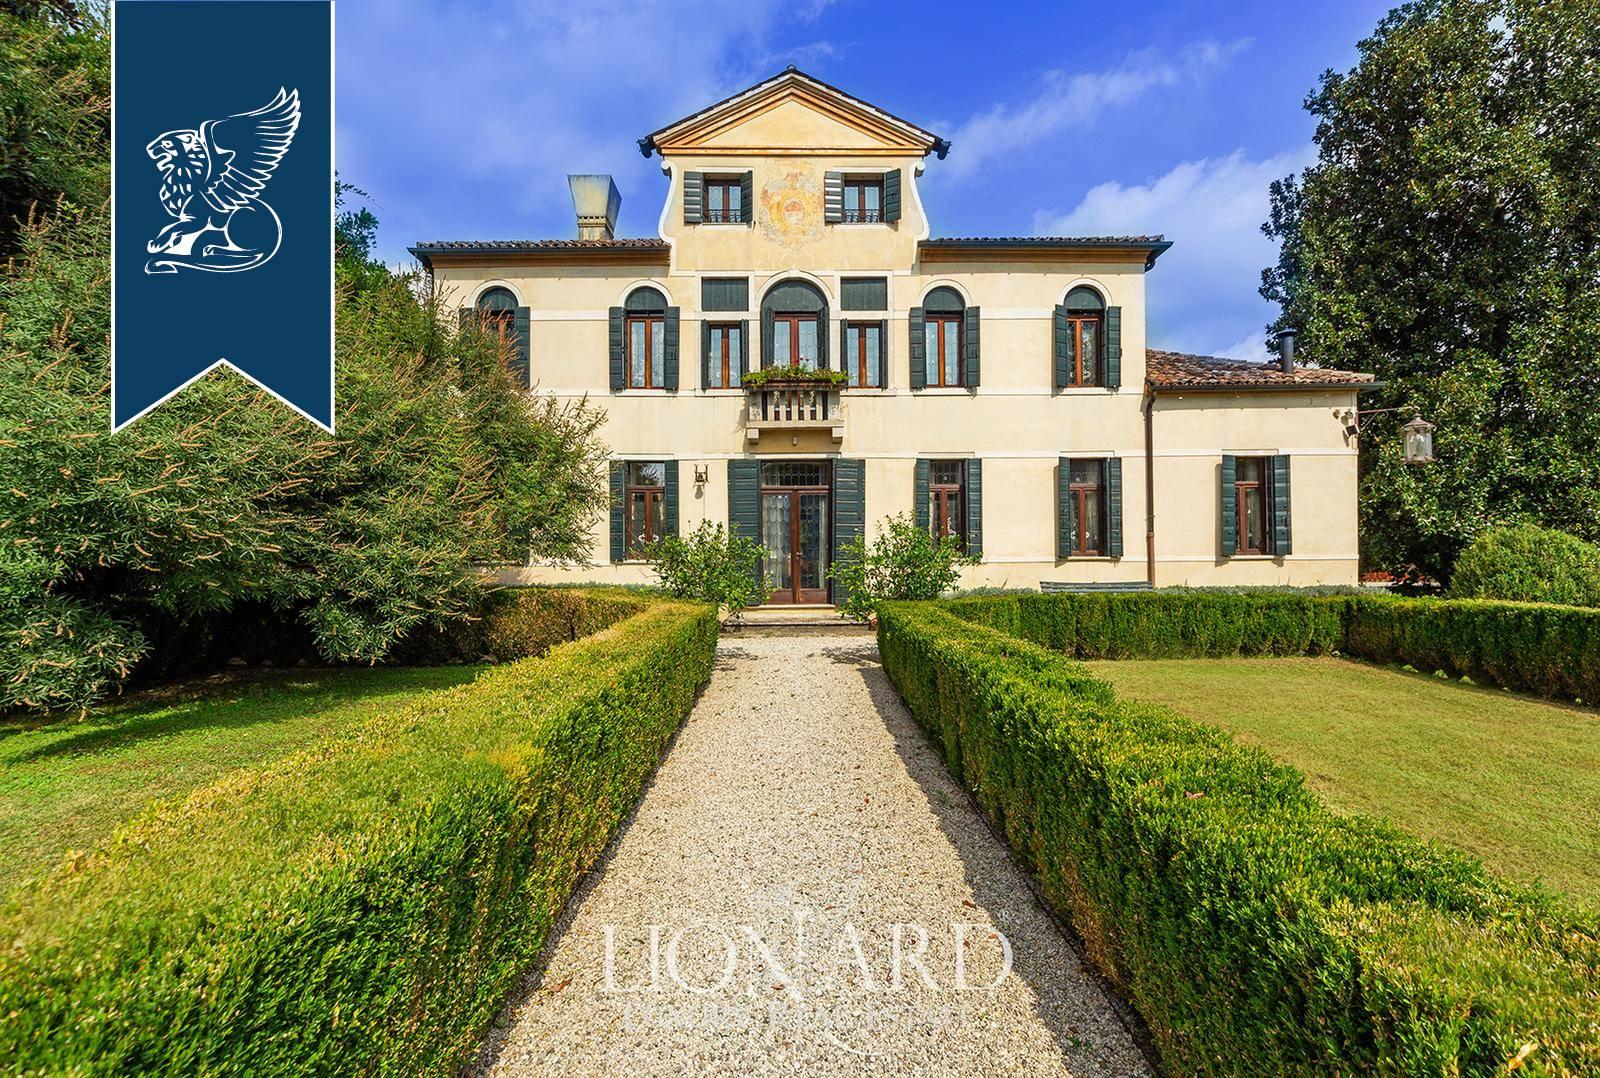 Villa in Vendita a Stra: 0 locali, 600 mq - Foto 4